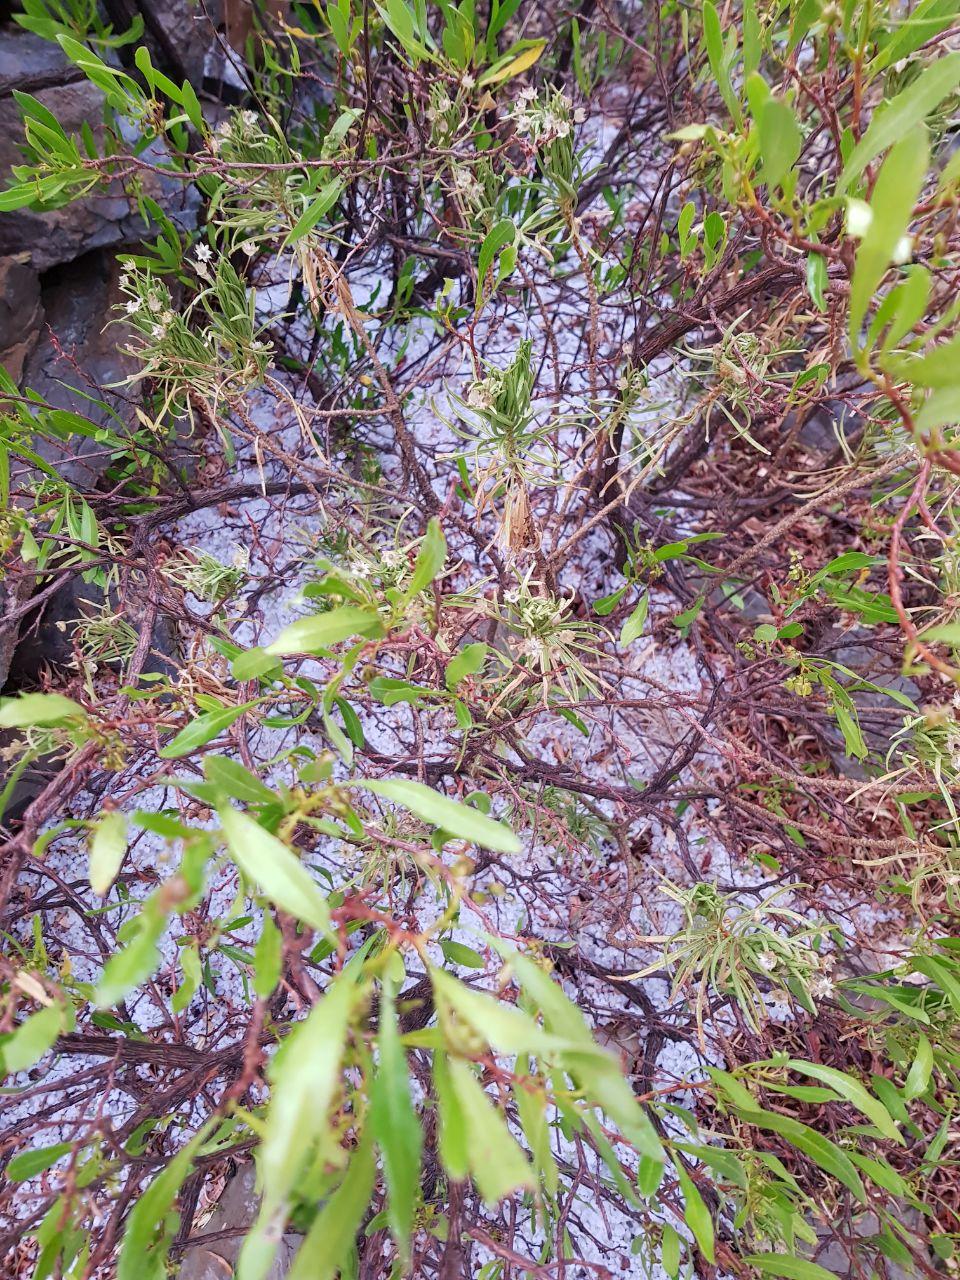 بالصور.. تساقط حبات البرد على الجبل الأخضر